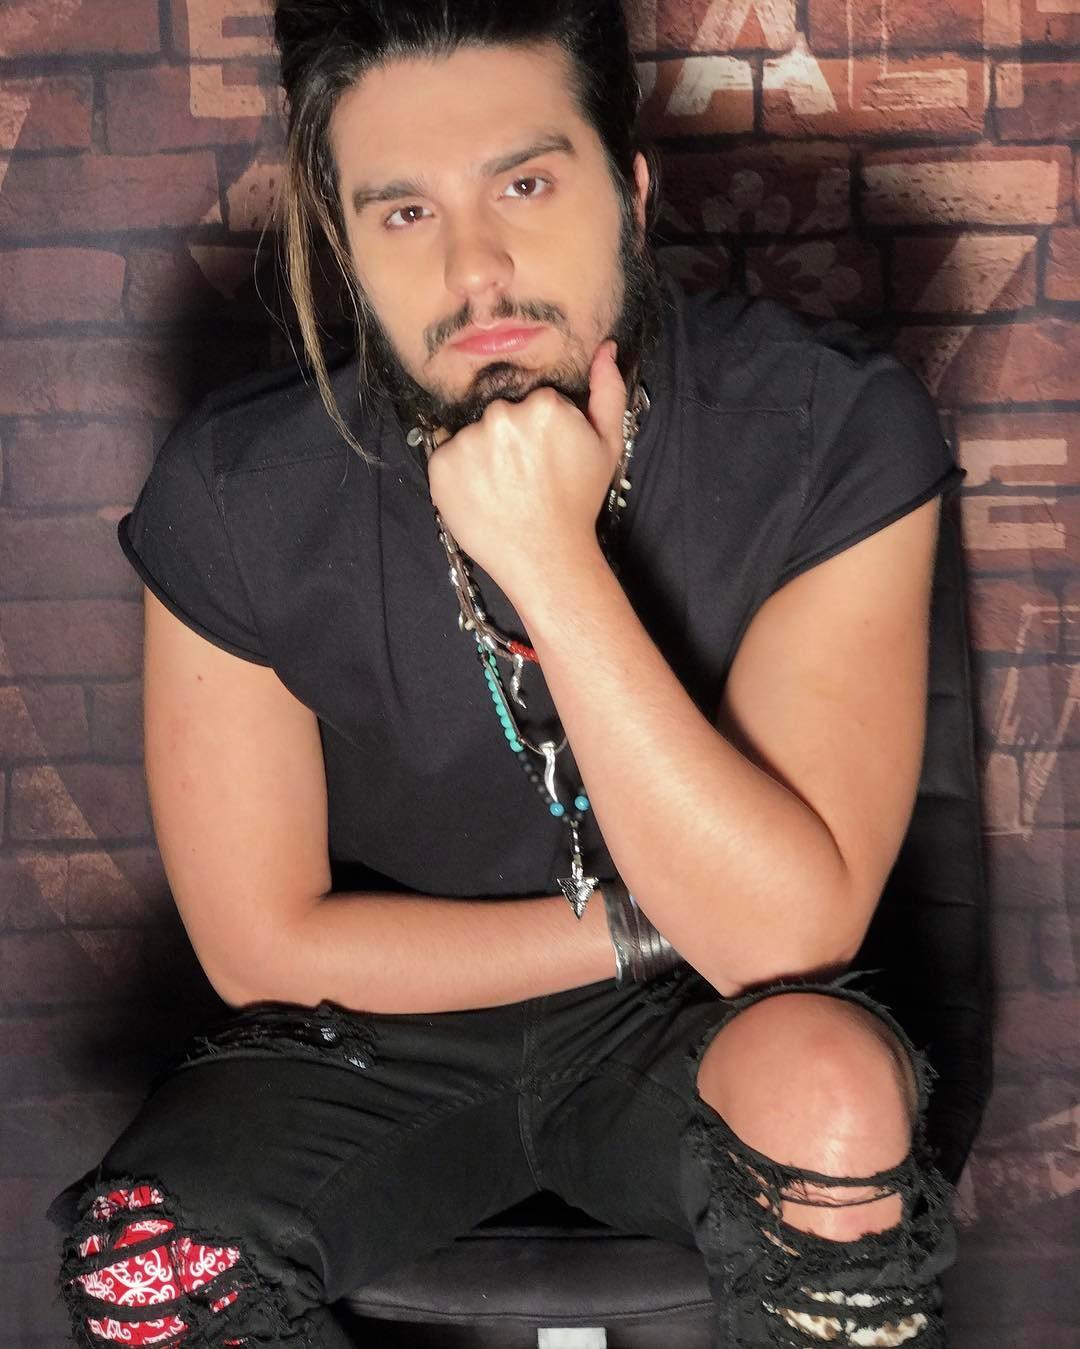 Luan Santana usa camiseta preta, olhando para a câmera e com a mão apoiando o rosto